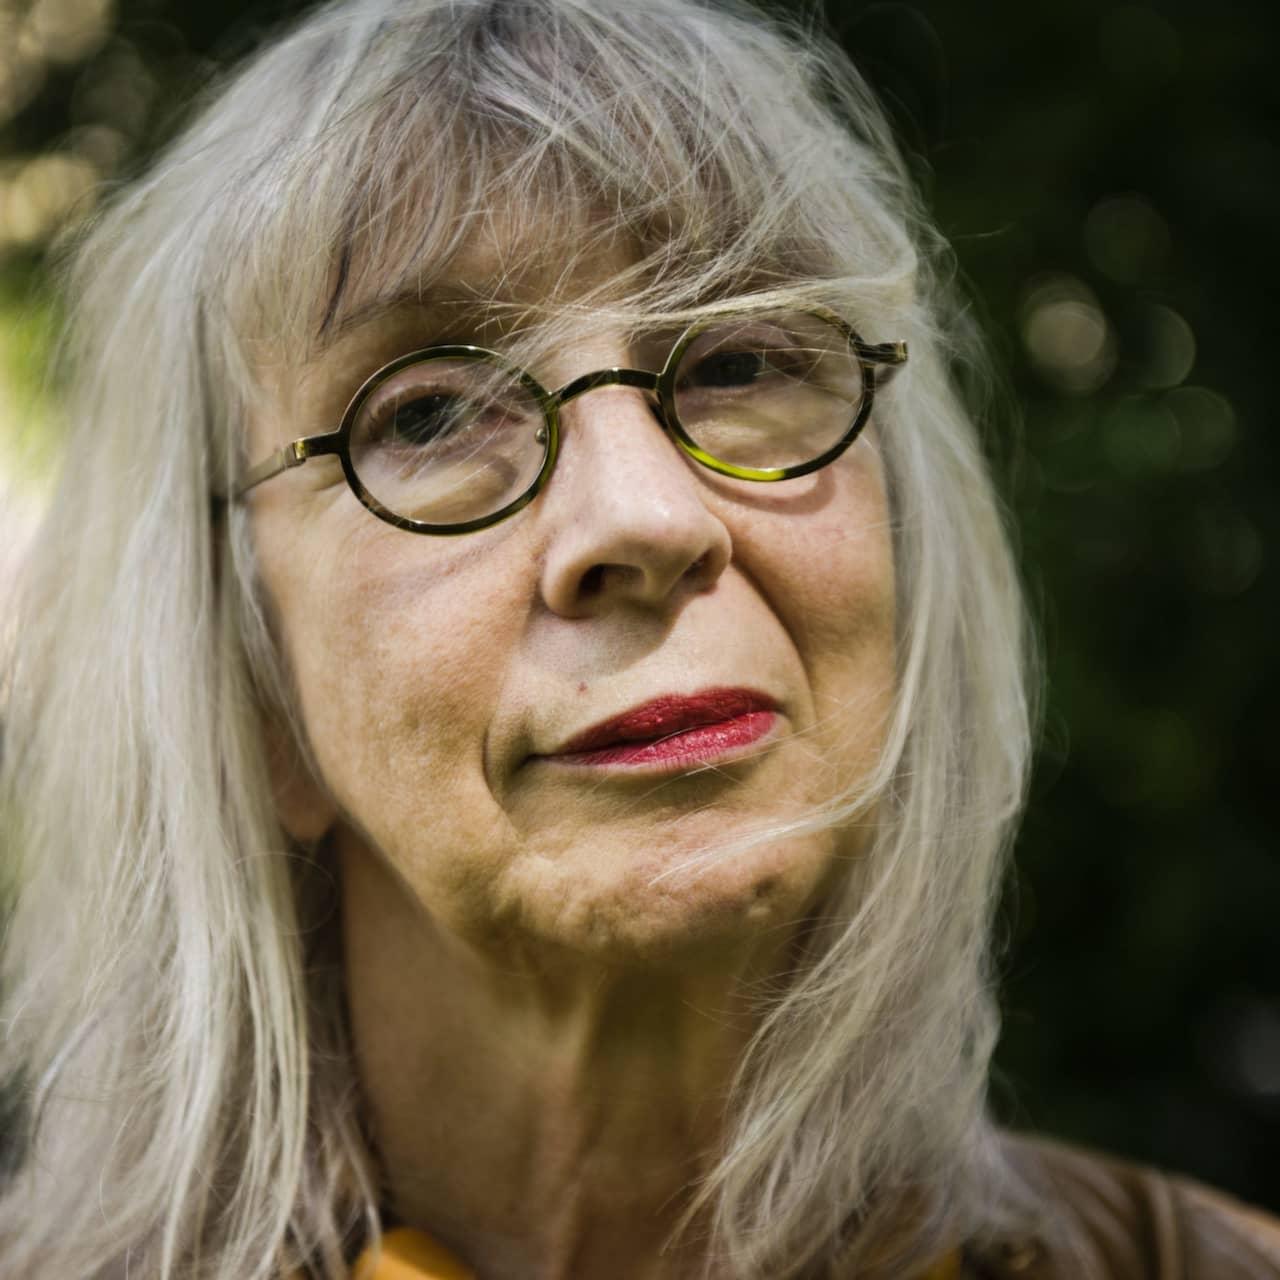 62. Suzanne Osten